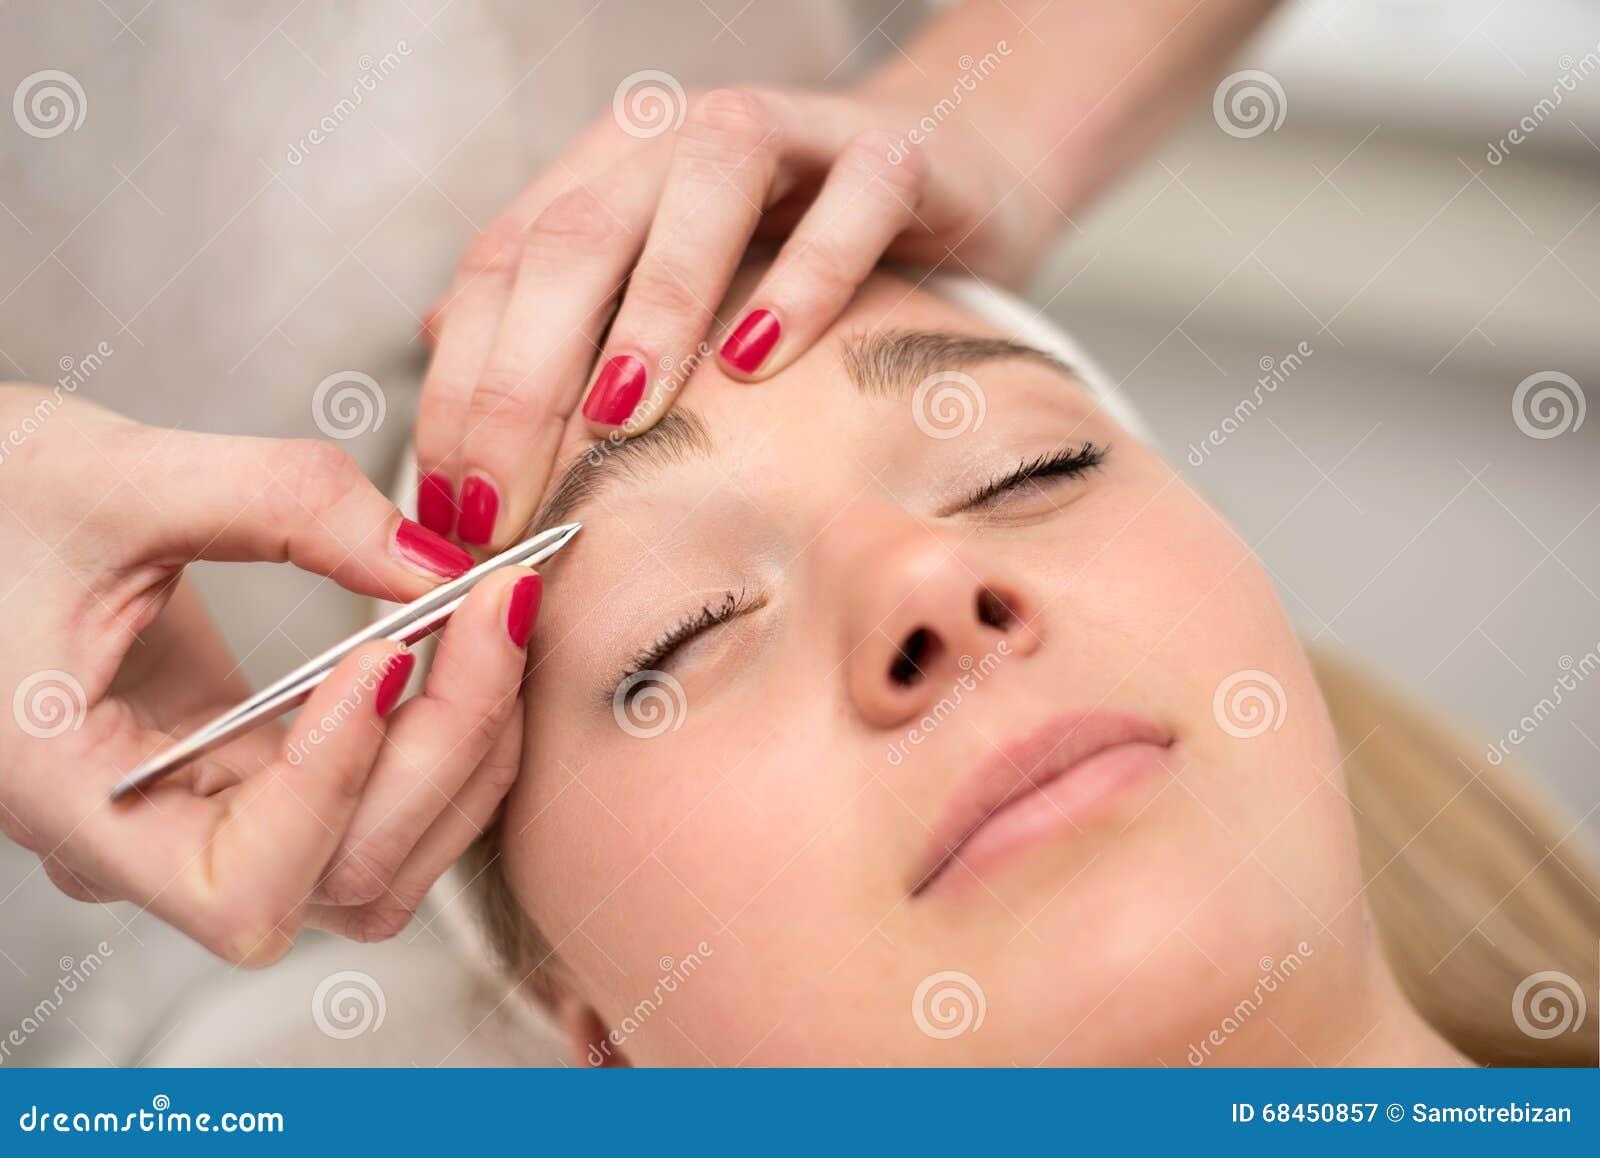 Desplume de las cejas con las pinzas del cosmetólogo en salón de belleza